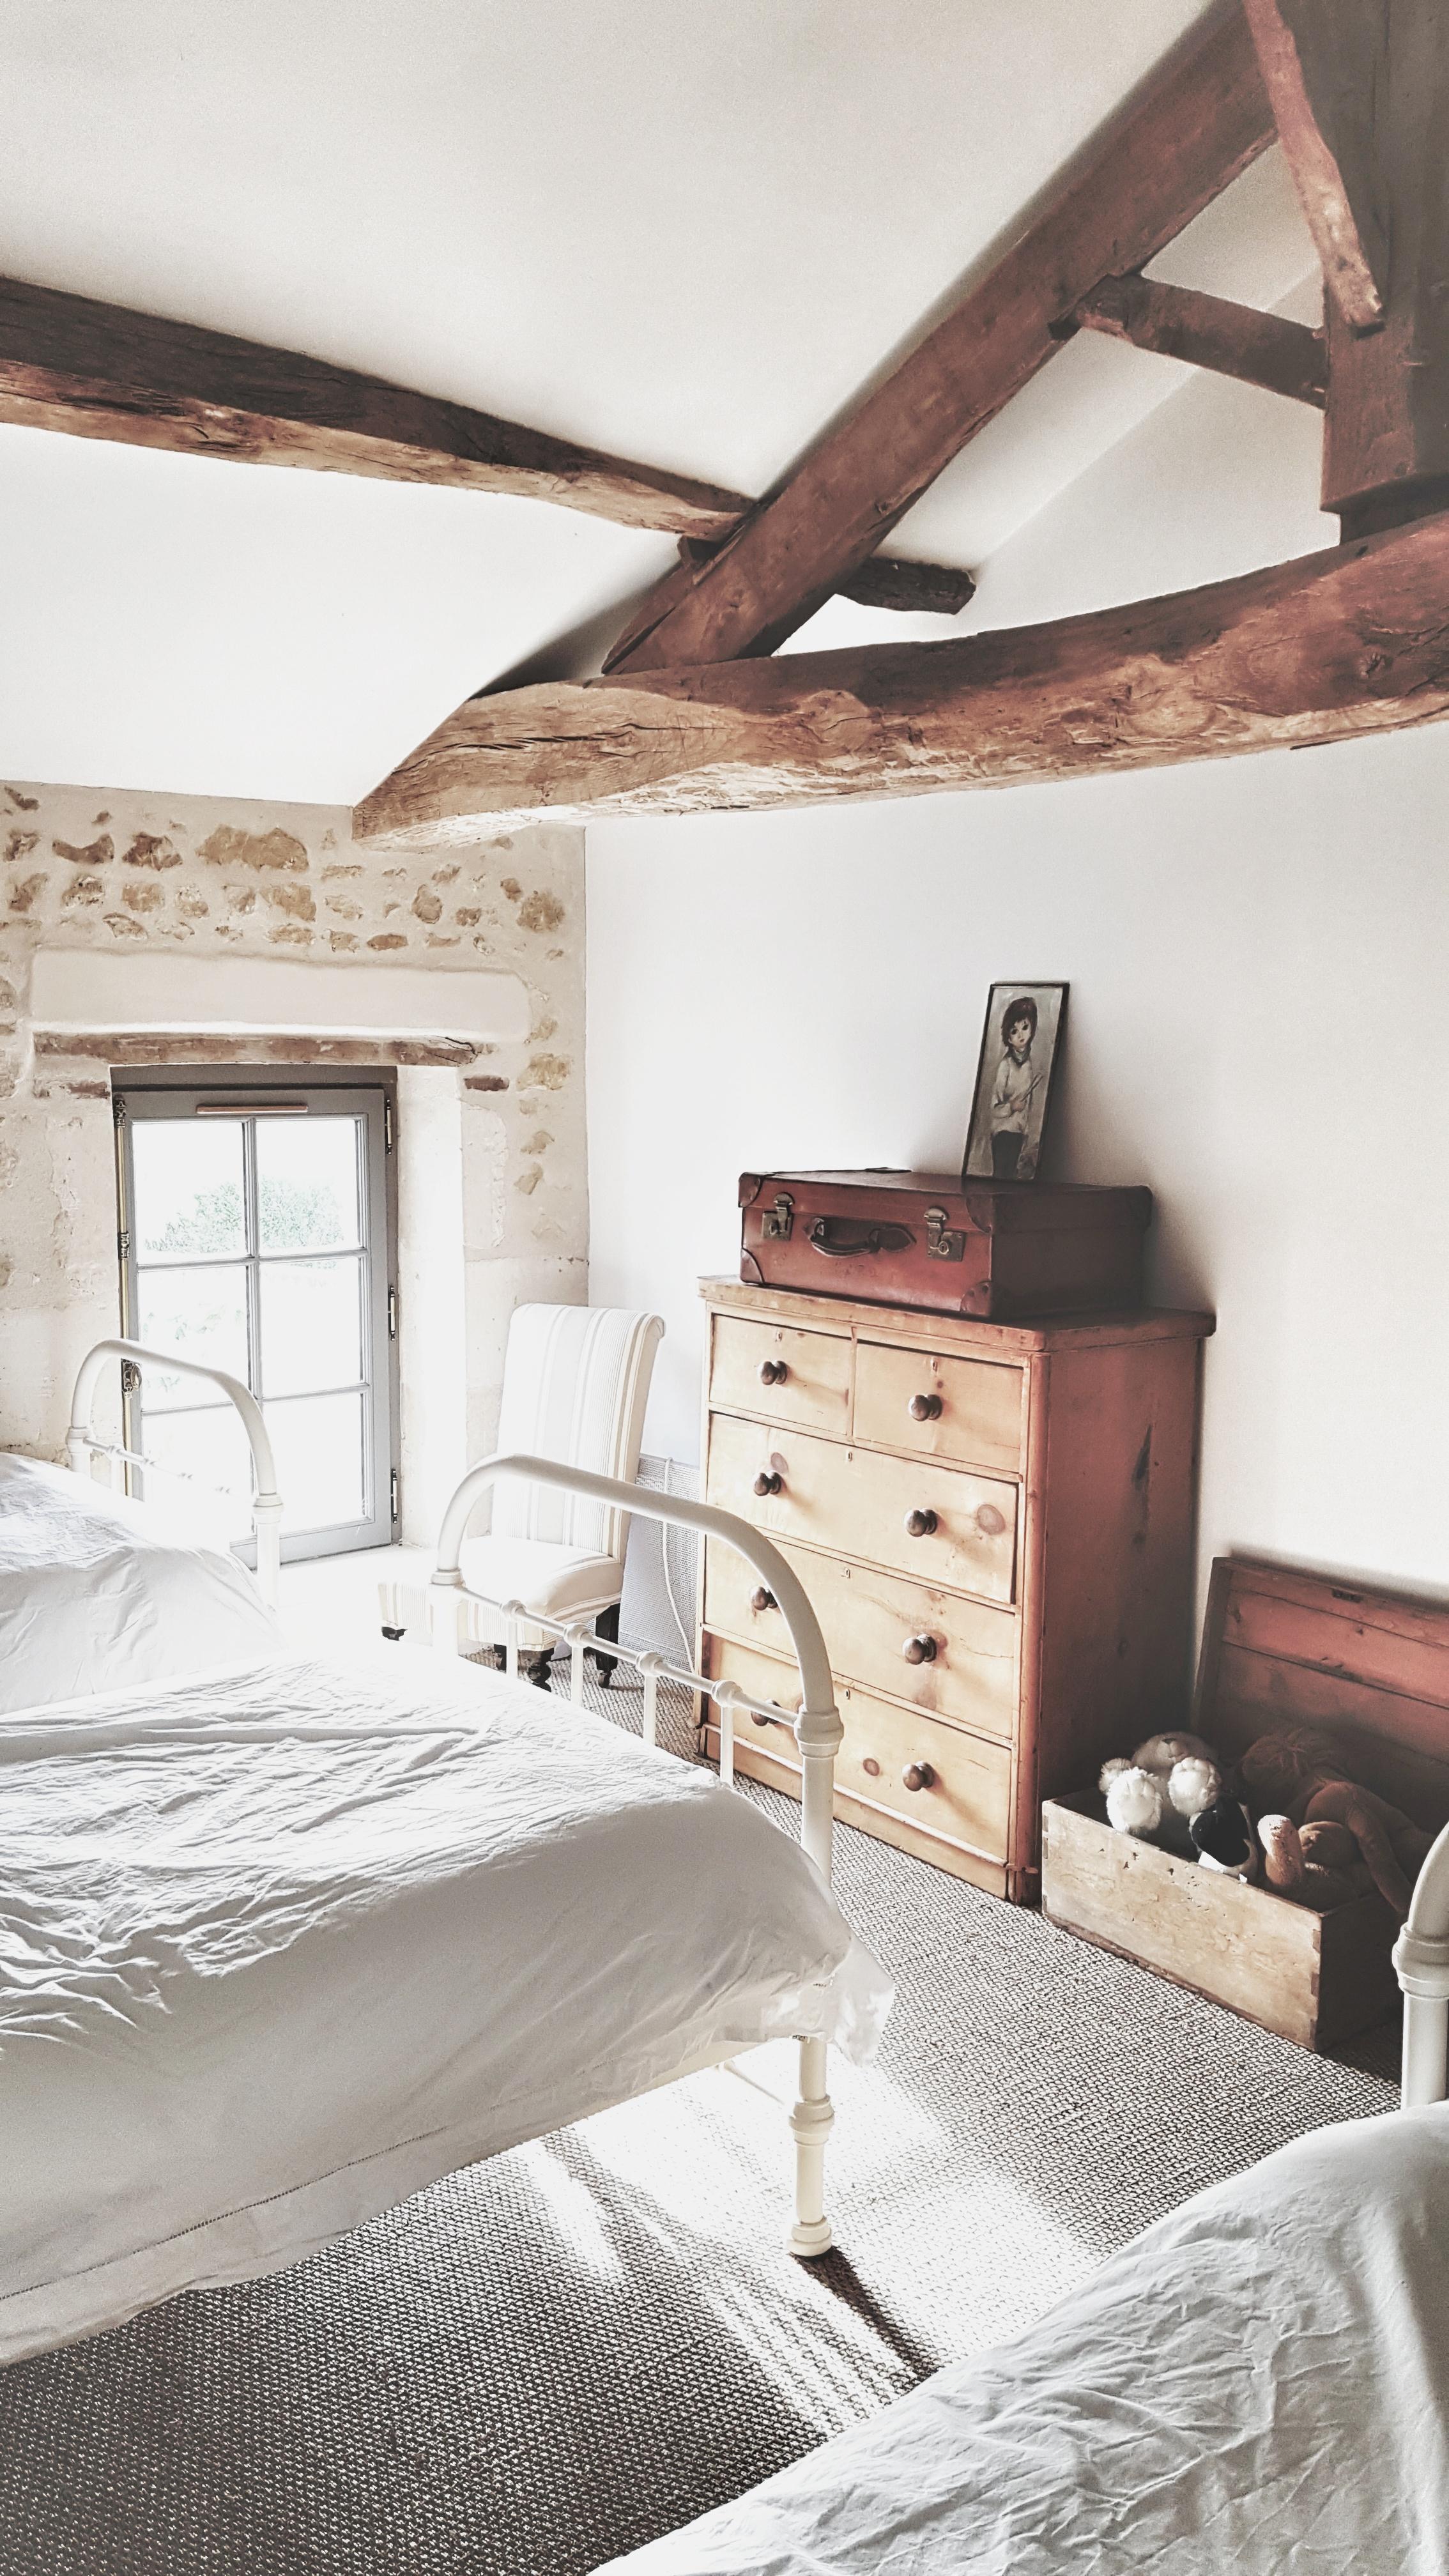 VCH bedroom 2 (1).jpeg